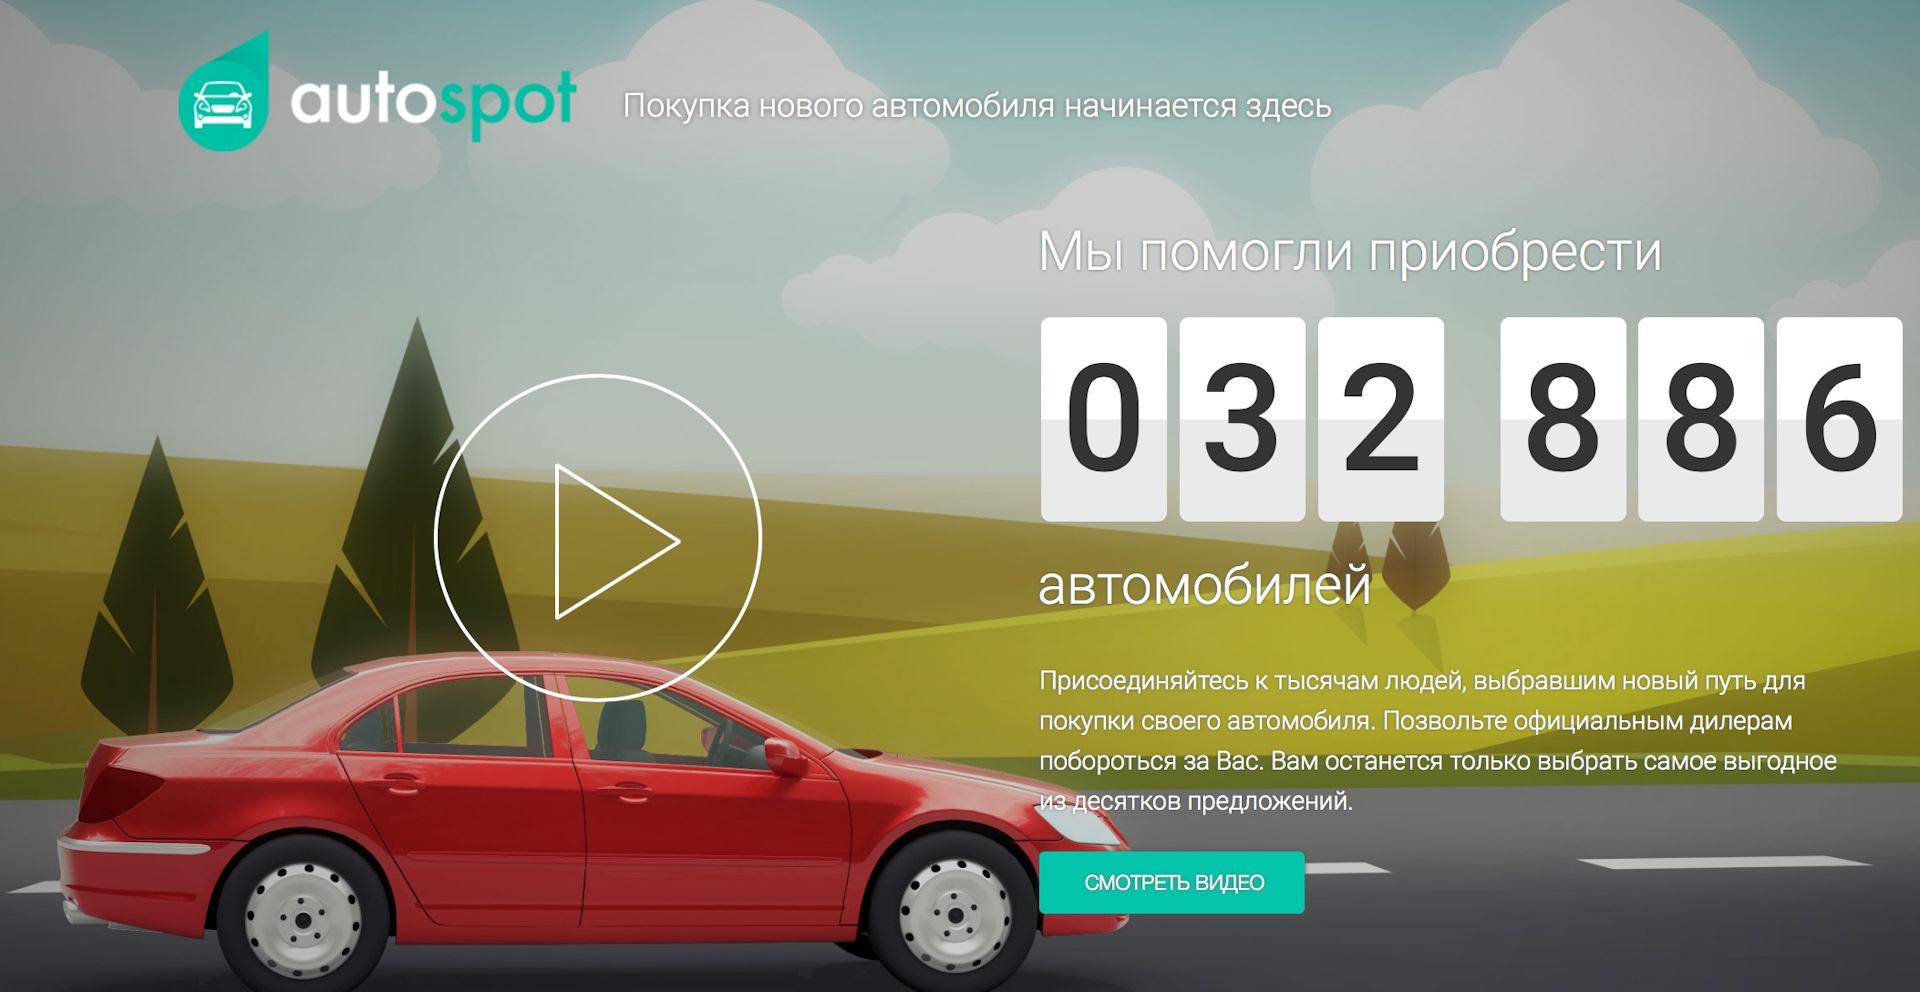 Российский сервис для поиска новых автомобилейAutospotпривлек $4,1 млн от Mitsubishi и Mail.Ru Group